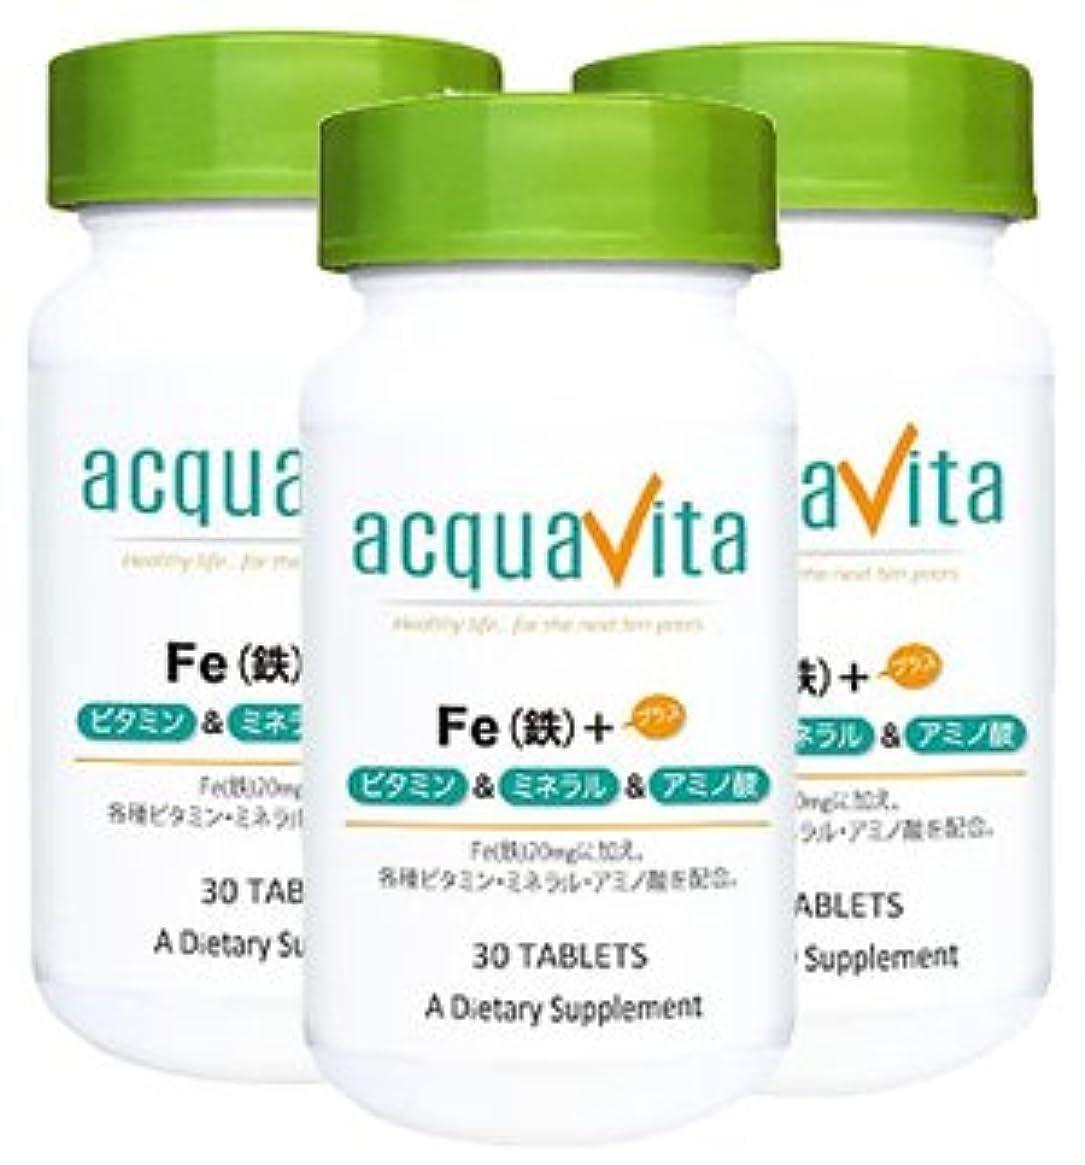 静けさ抑圧する正しくアクアヴィータ Fe(鉄)+ビタミン?ミネラル?アミノ酸(アクアビータ?Acquavita)【3本セット】